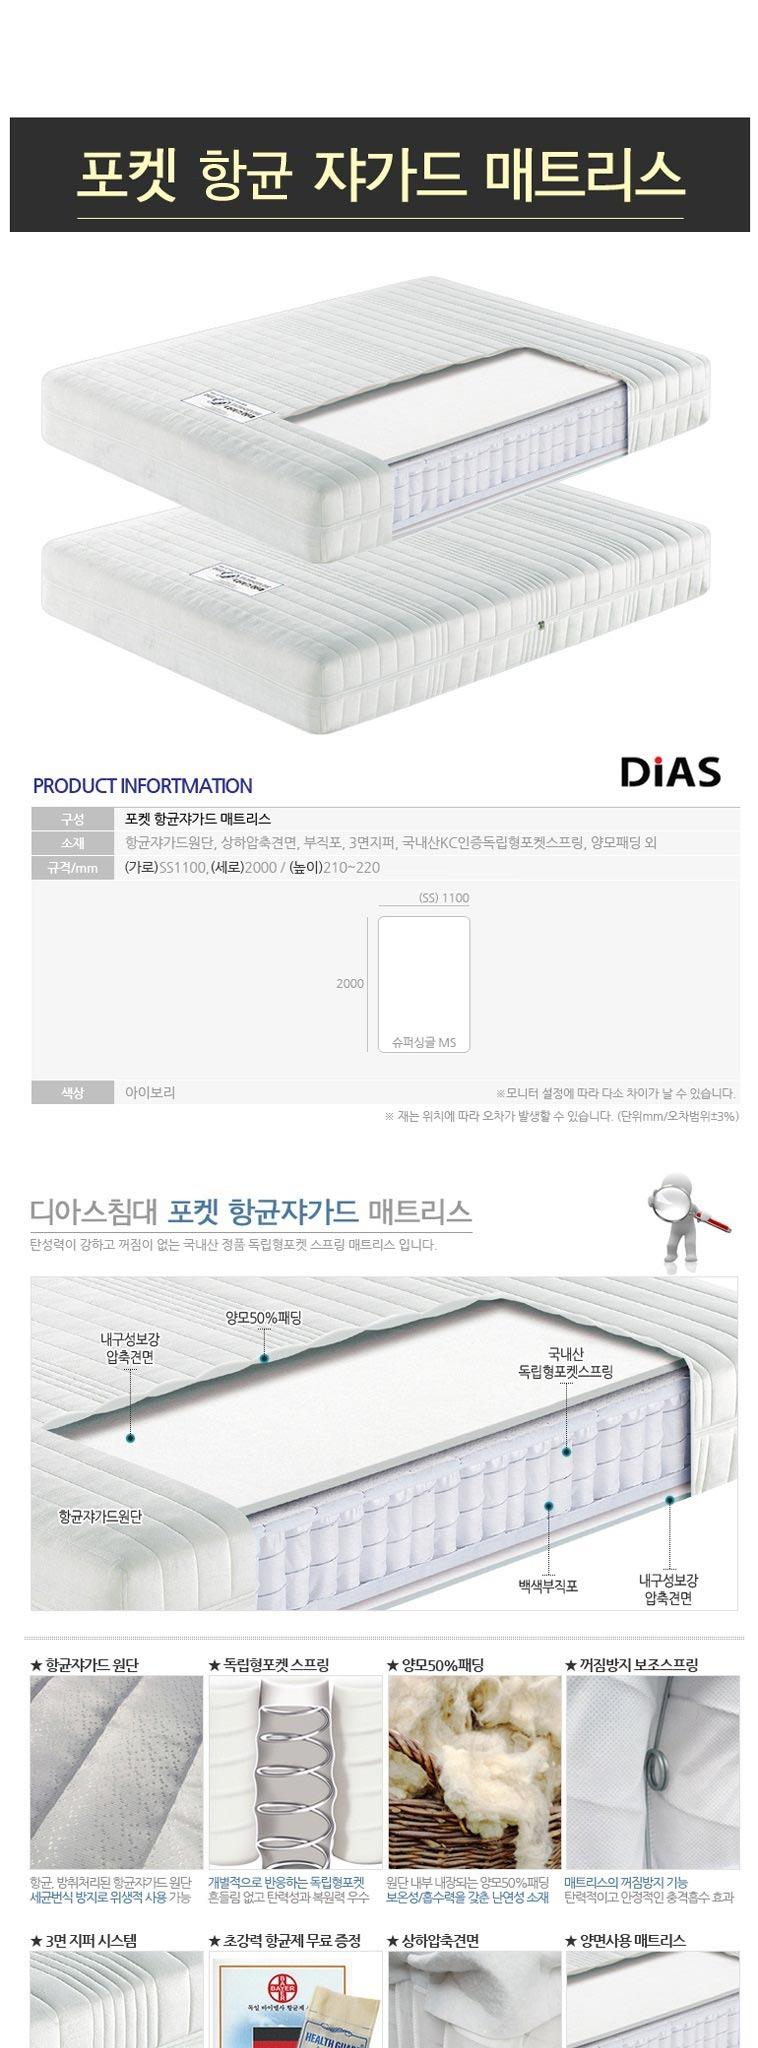 [리빙균일가] 디아스 저상형침대 SS - 상세정보